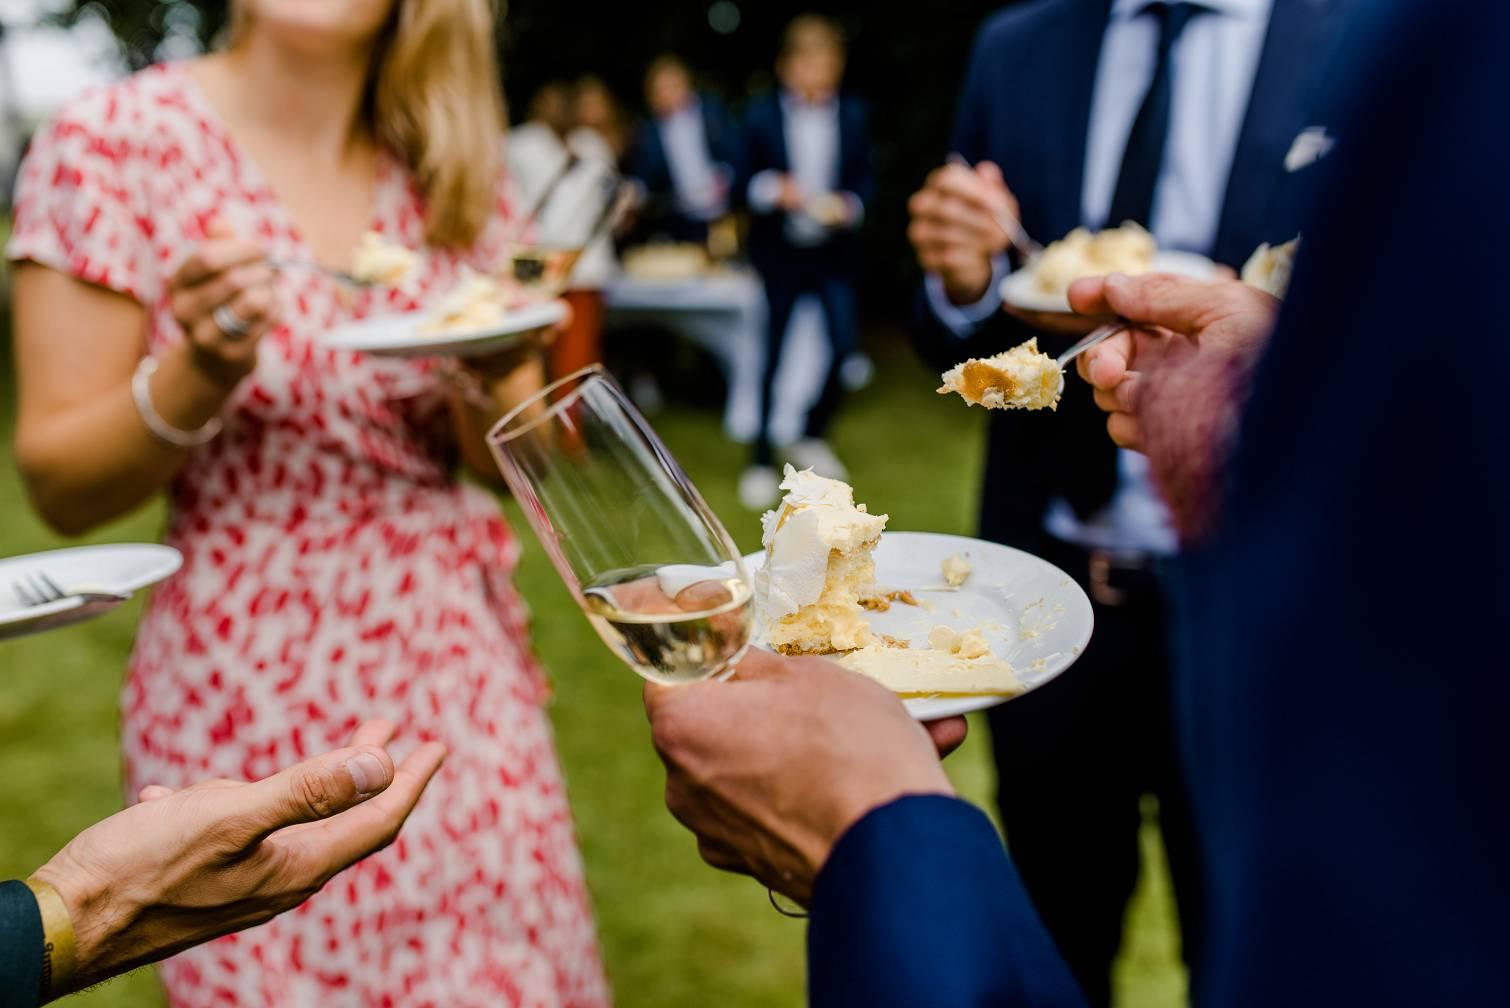 Gasten op de bruiloft receptie met taart in hun handen